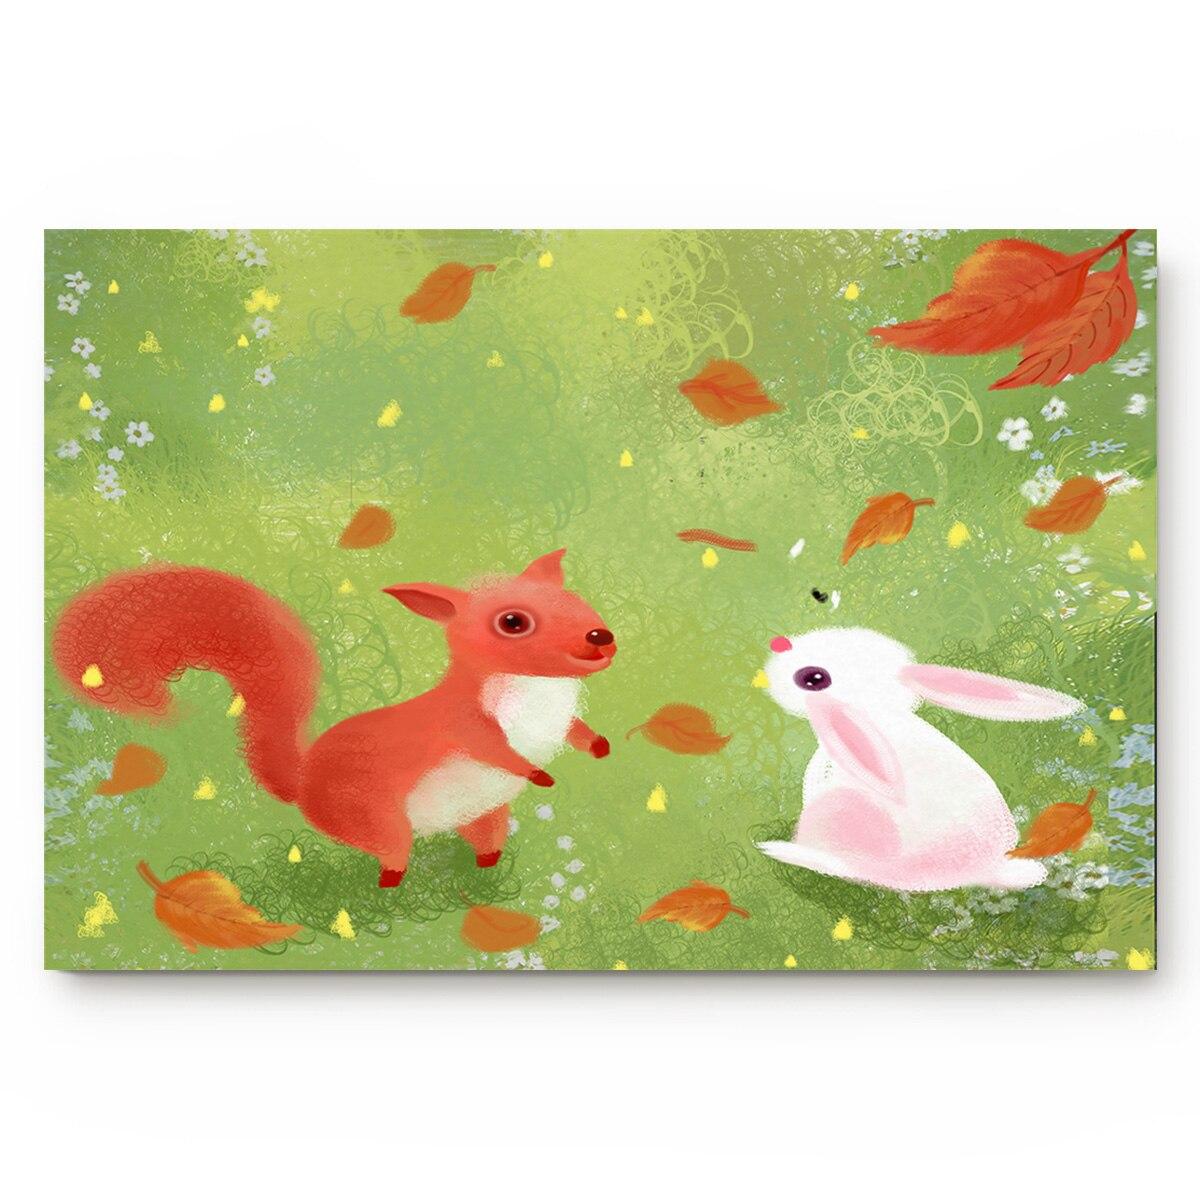 Осенние листья МАЛЕНЬКАЯ БЕЛКА маленький белый кролик животное нескользящий